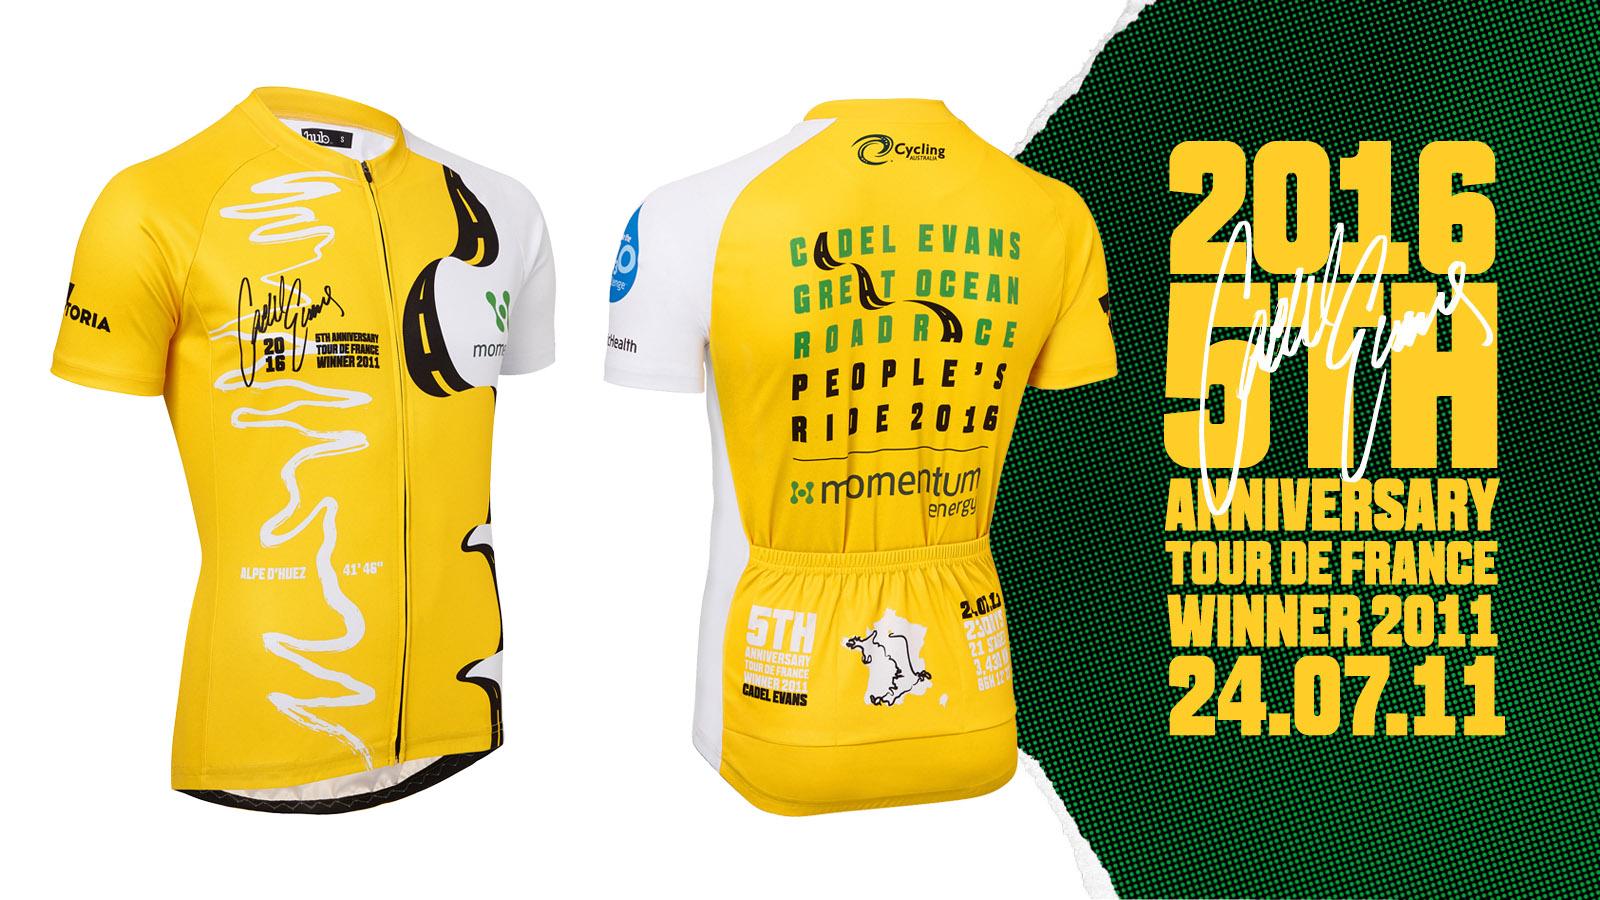 Cadel_Evans_Great_Ocean_Road_Race_Momentum_Energy_Peoples_Ride_Yellow_Jersey